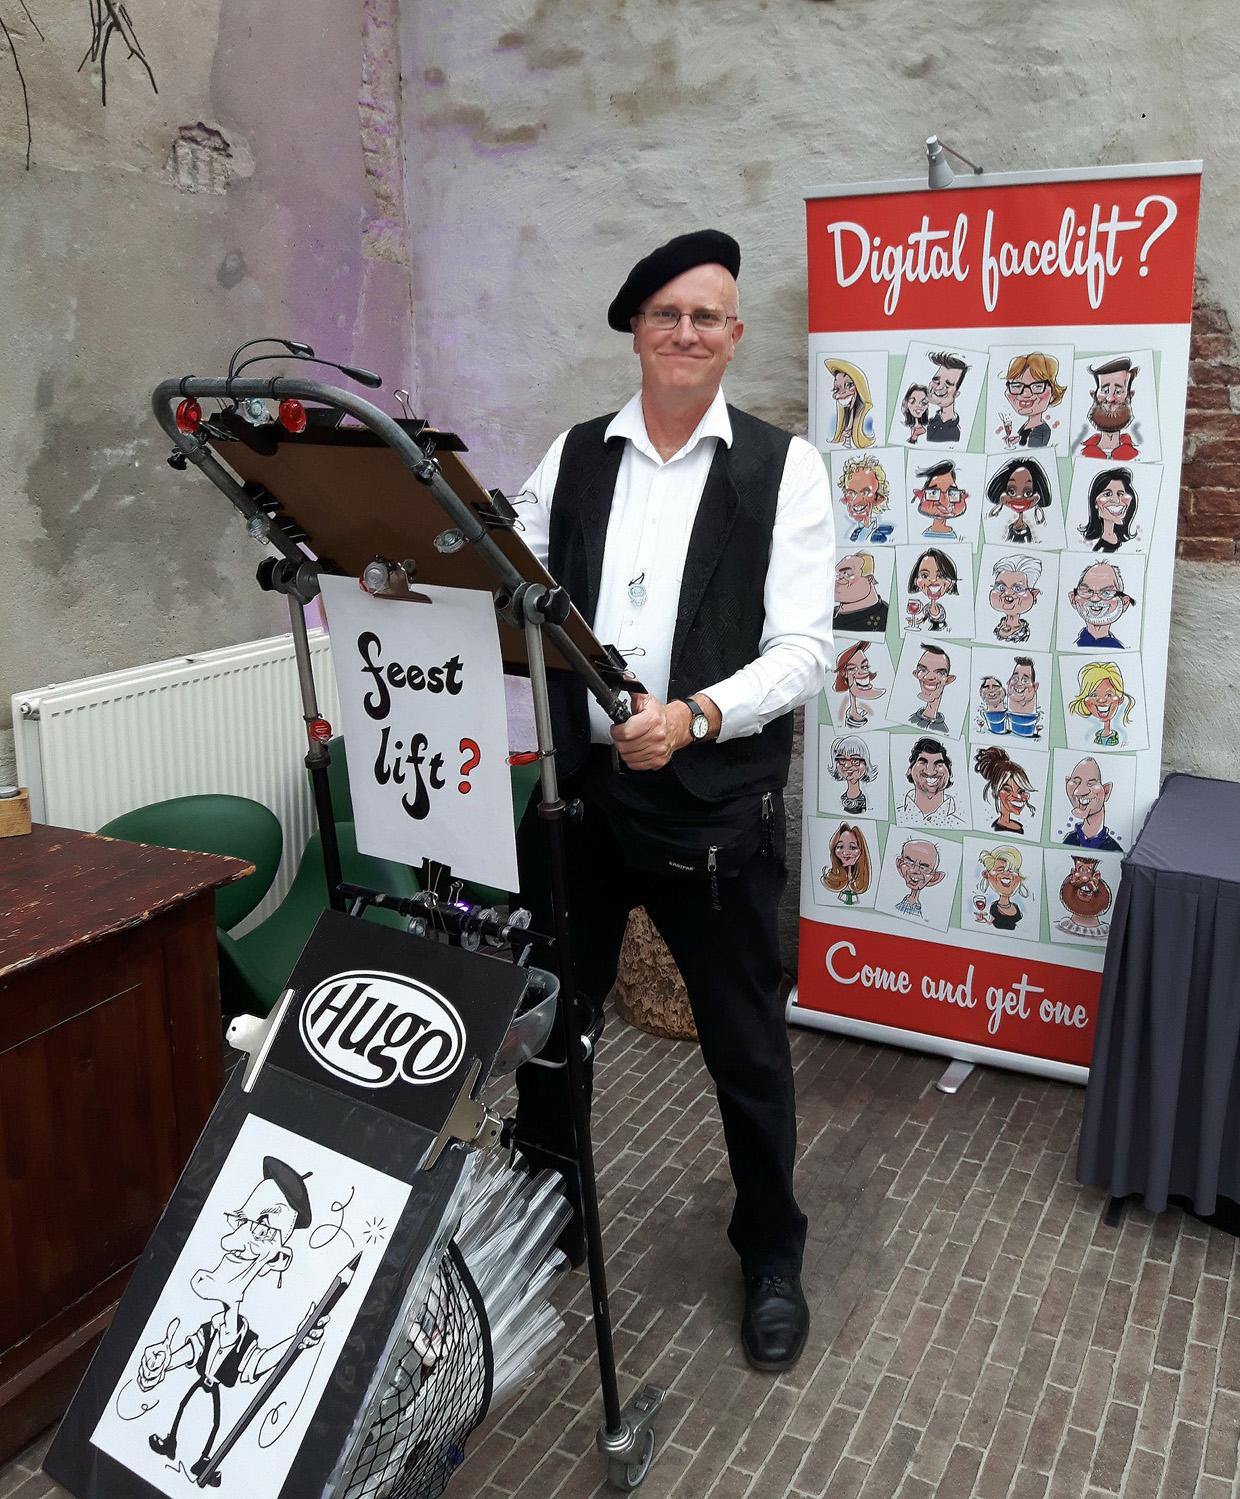 sneltekenaar, karikaturist Hugo Freutel